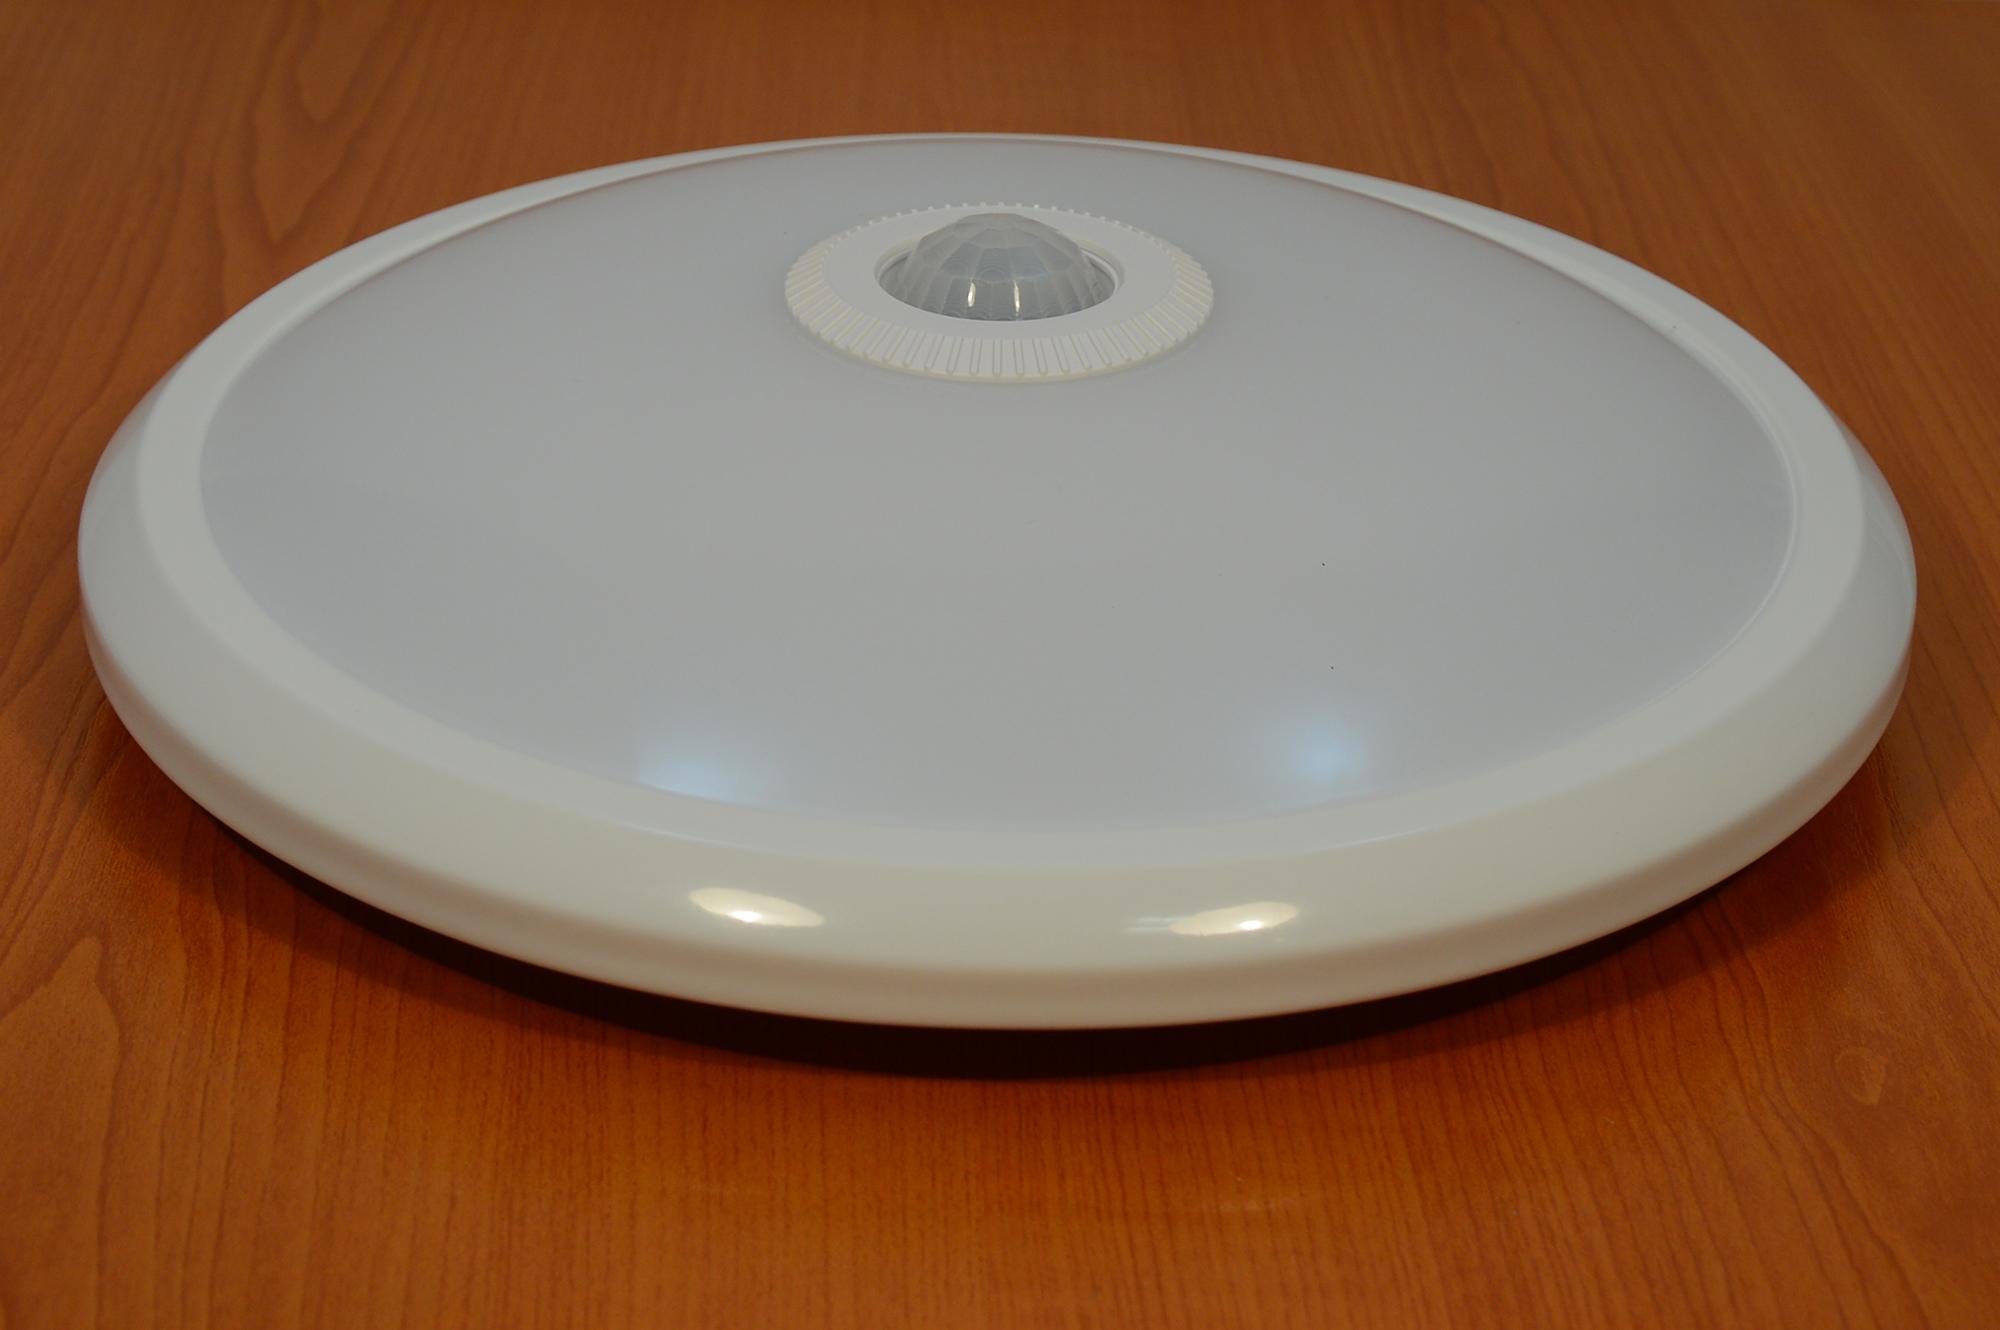 led deckenlampe mit bewegungsmelder deckenleuchte wandlampe flurleuchte 12w neu ebay. Black Bedroom Furniture Sets. Home Design Ideas